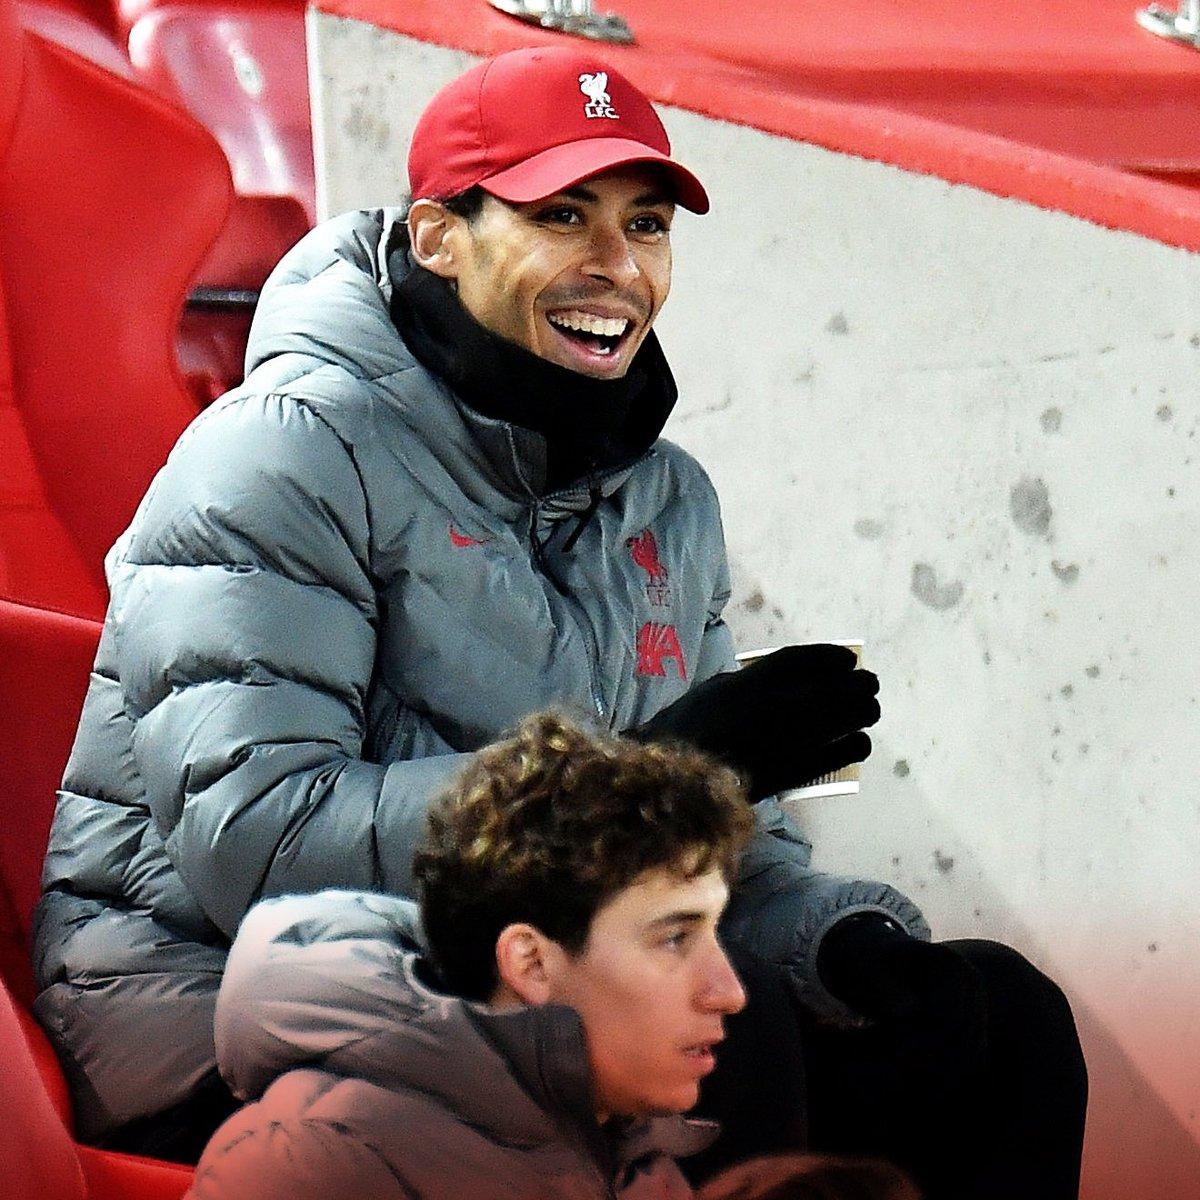 @AnfieldWatch's photo on Virgil